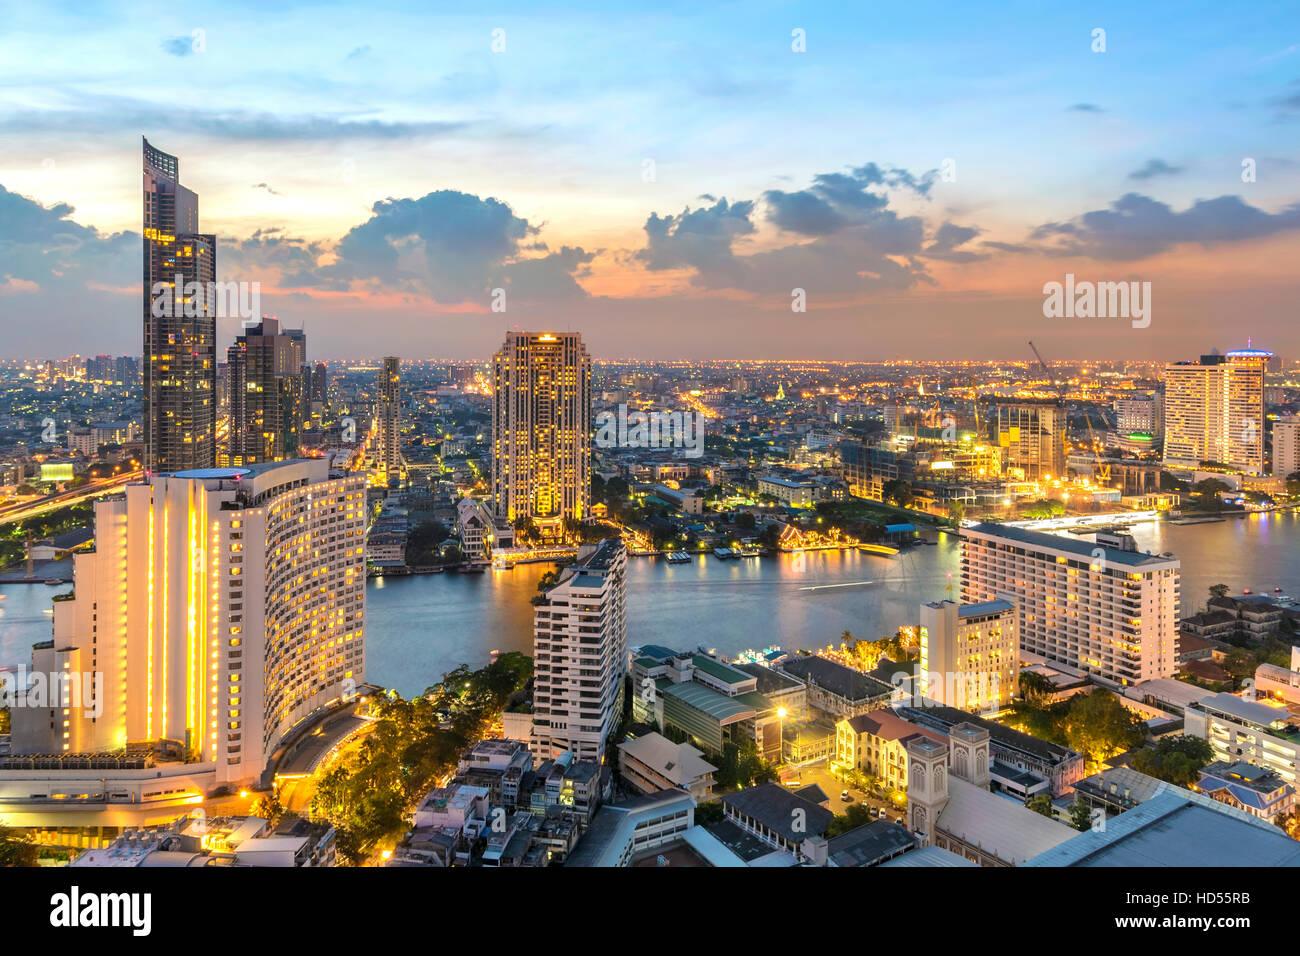 Vista del cielo crepuscular en Bangkok. Foto tomada en el 37 piso lebua edificio delantero Thonburi distrito .es Imagen De Stock